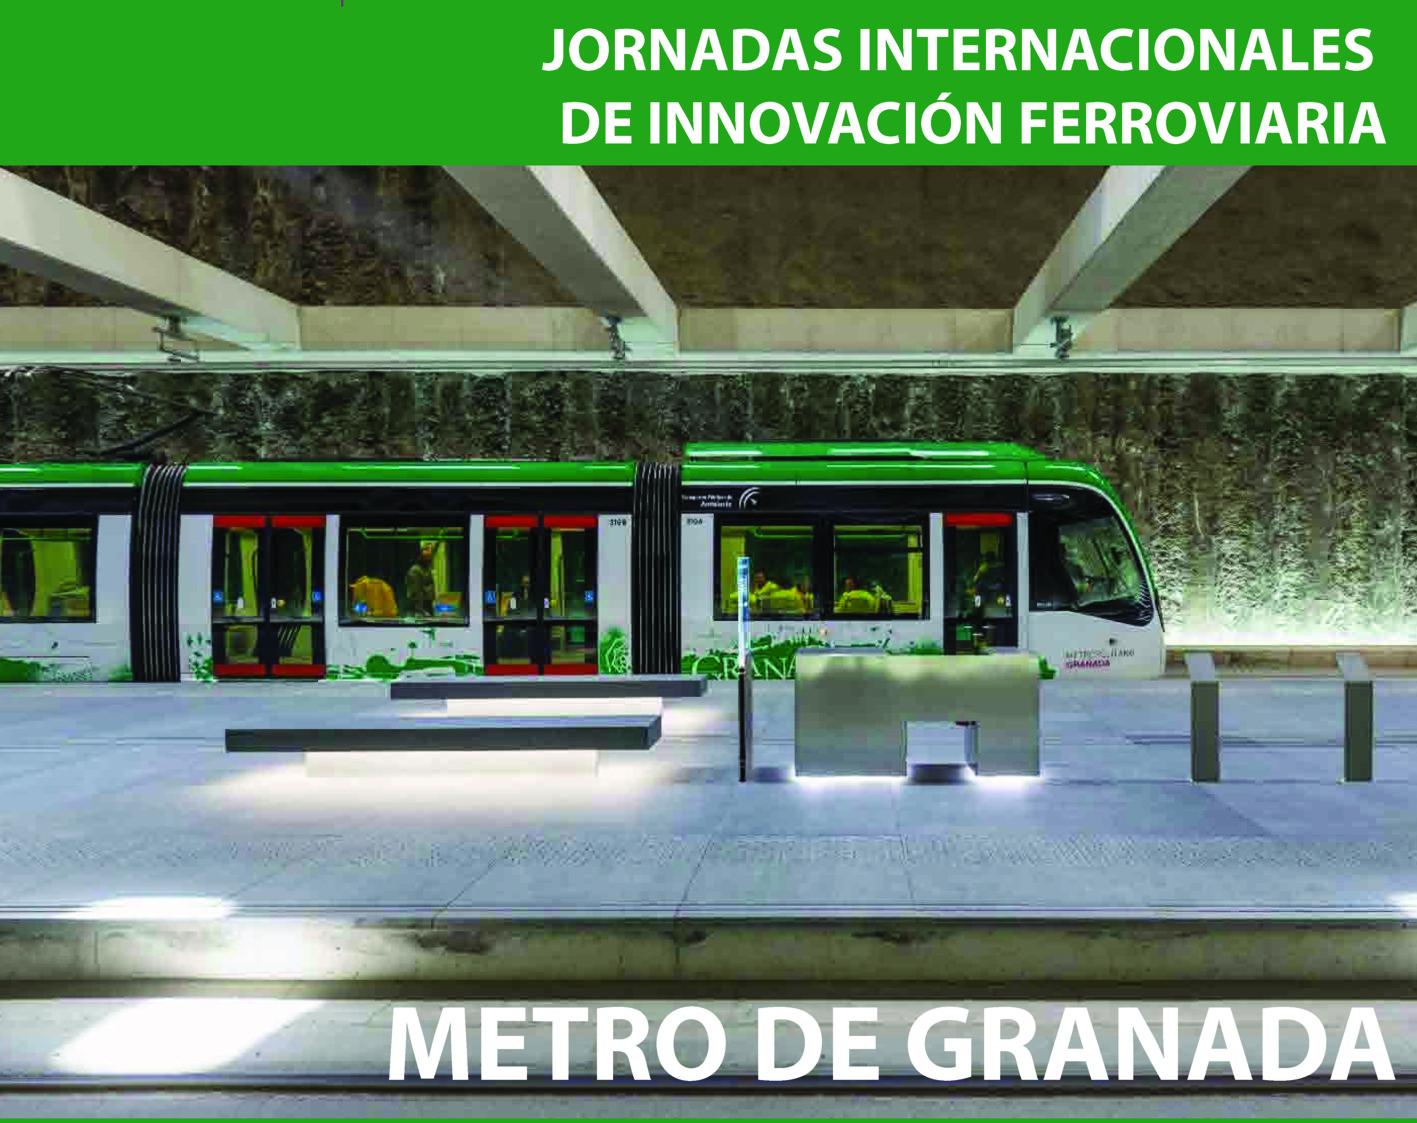 Metro de Granada en la Estación de Alcázar - Genil. Fotografía: Antonio Luis Martínez Cano.